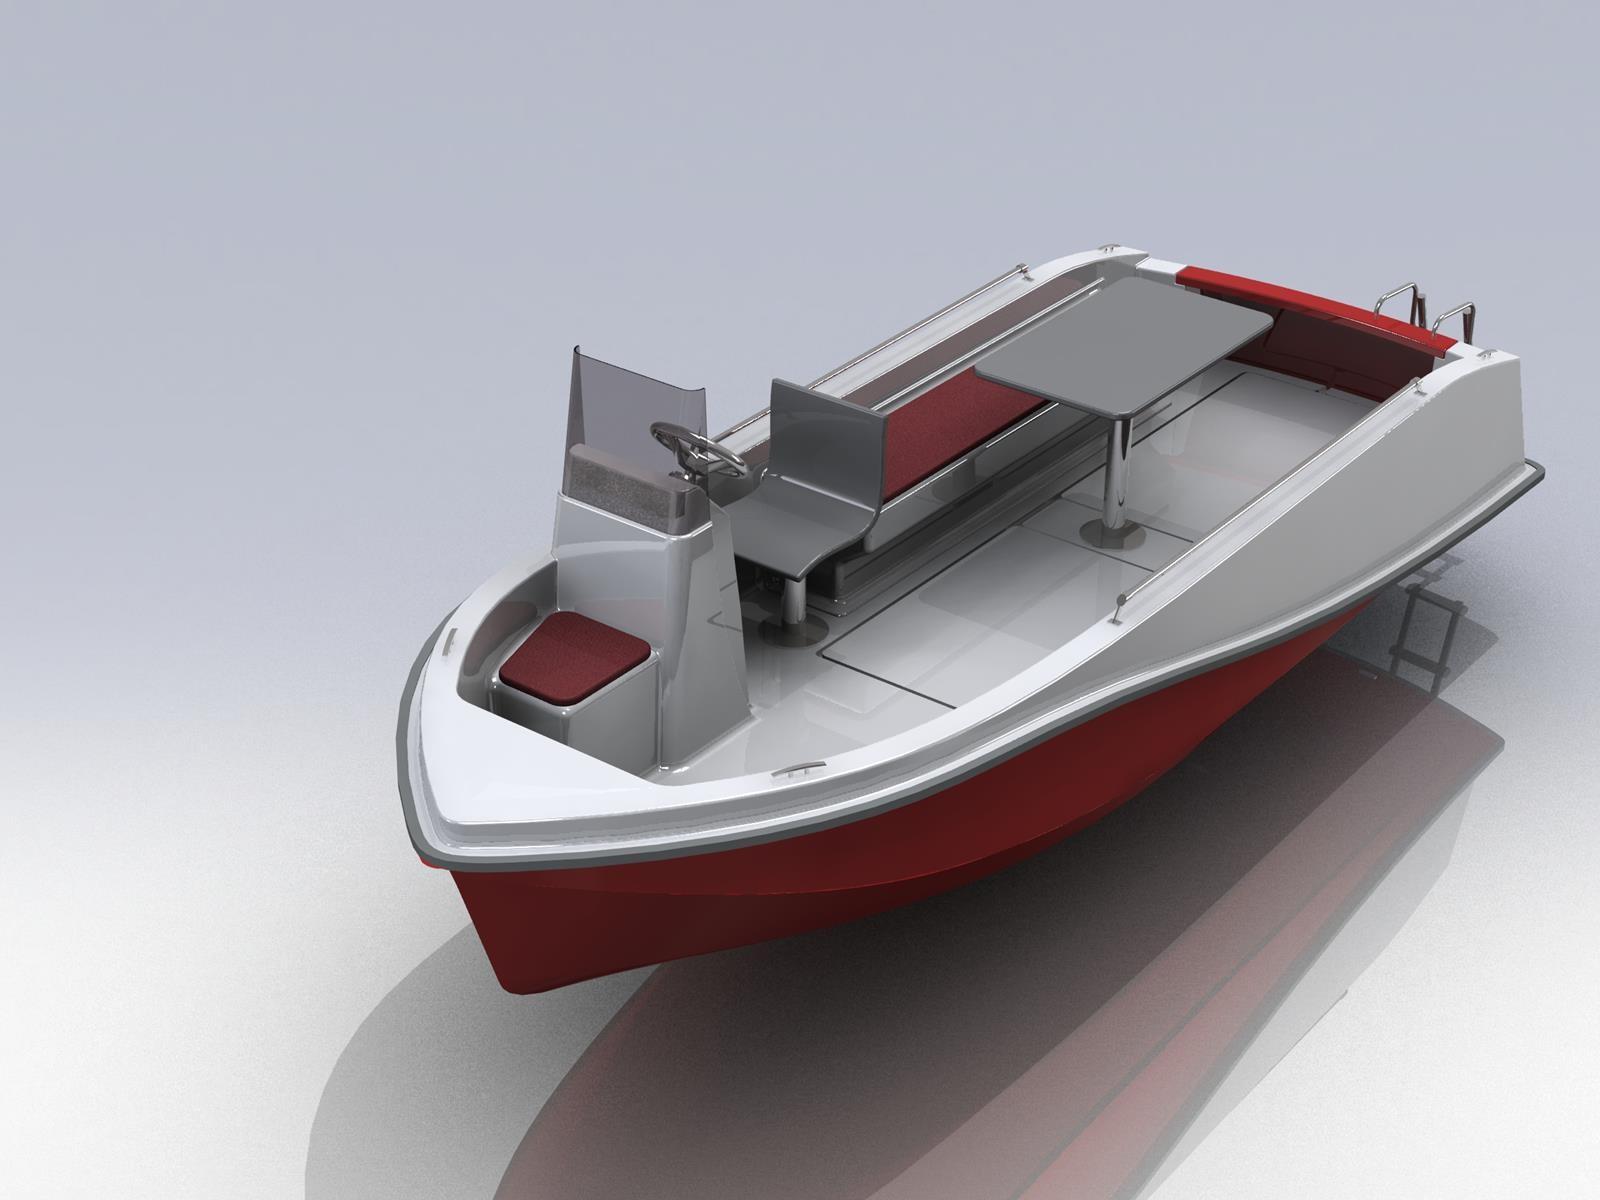 saviboat